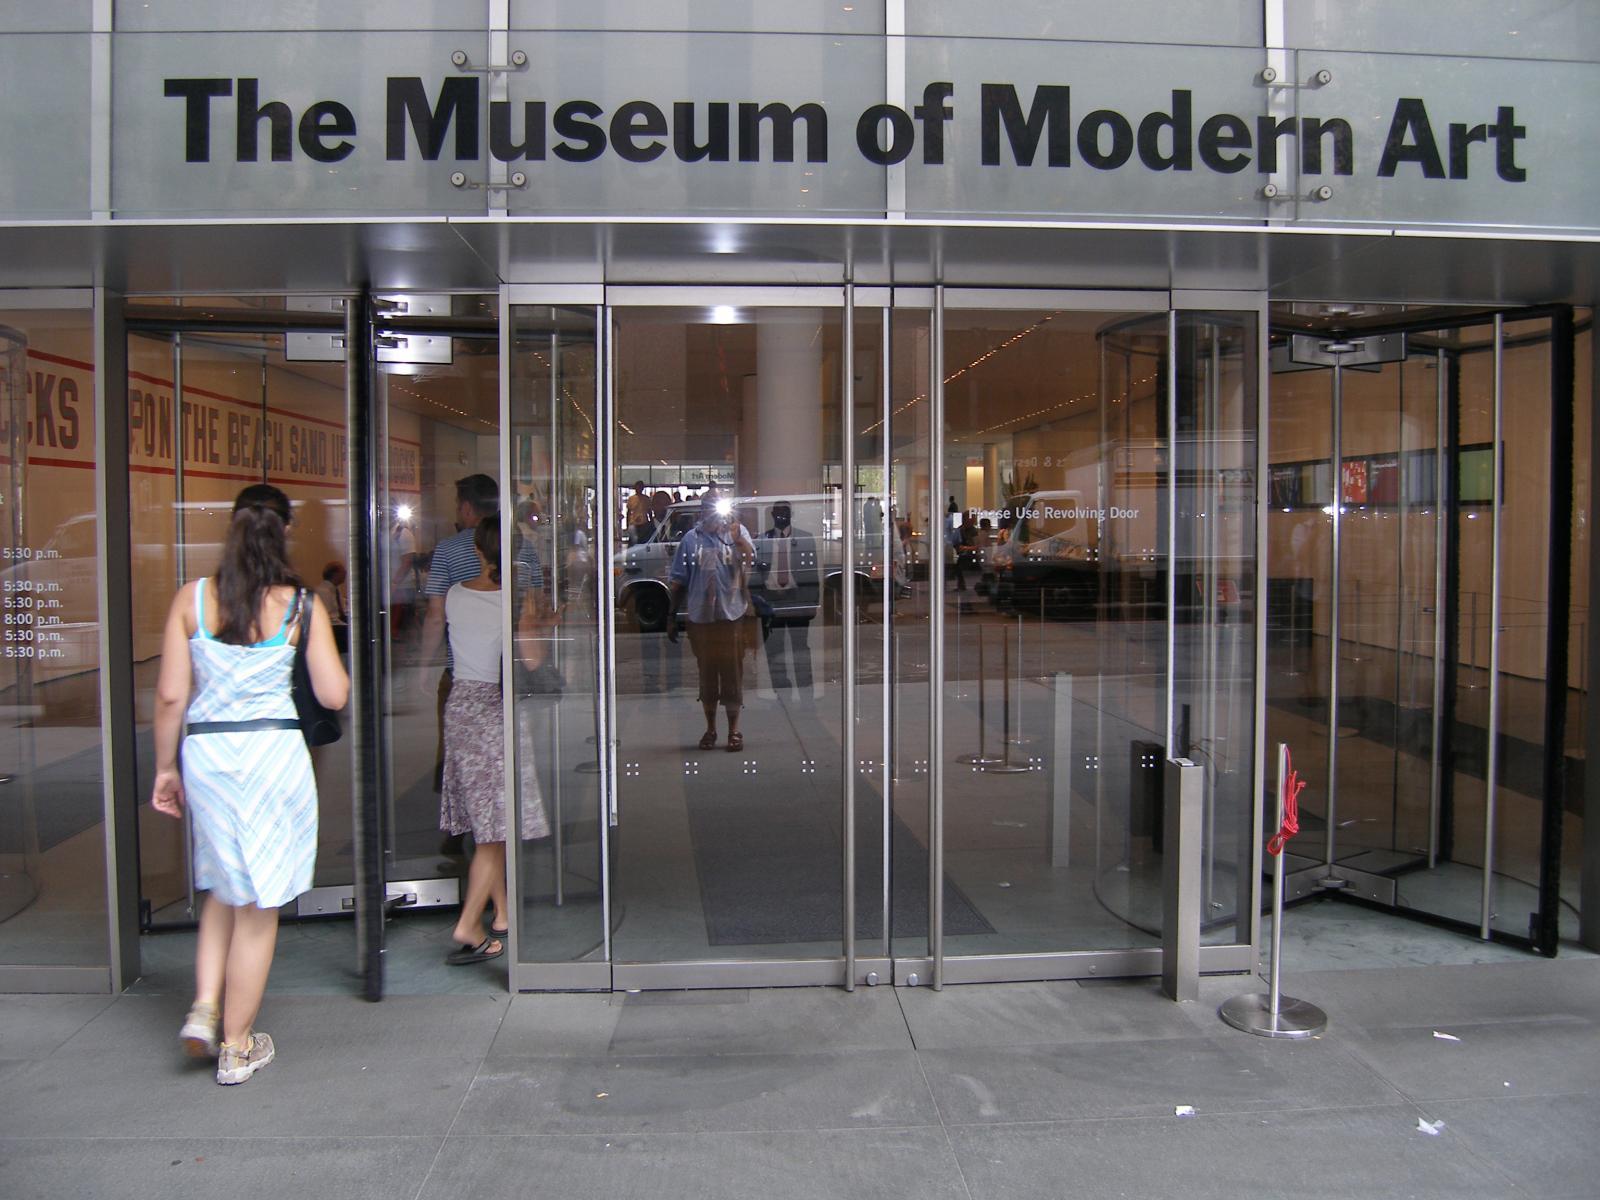 Museo de arte moderno de Nueva York: Moma